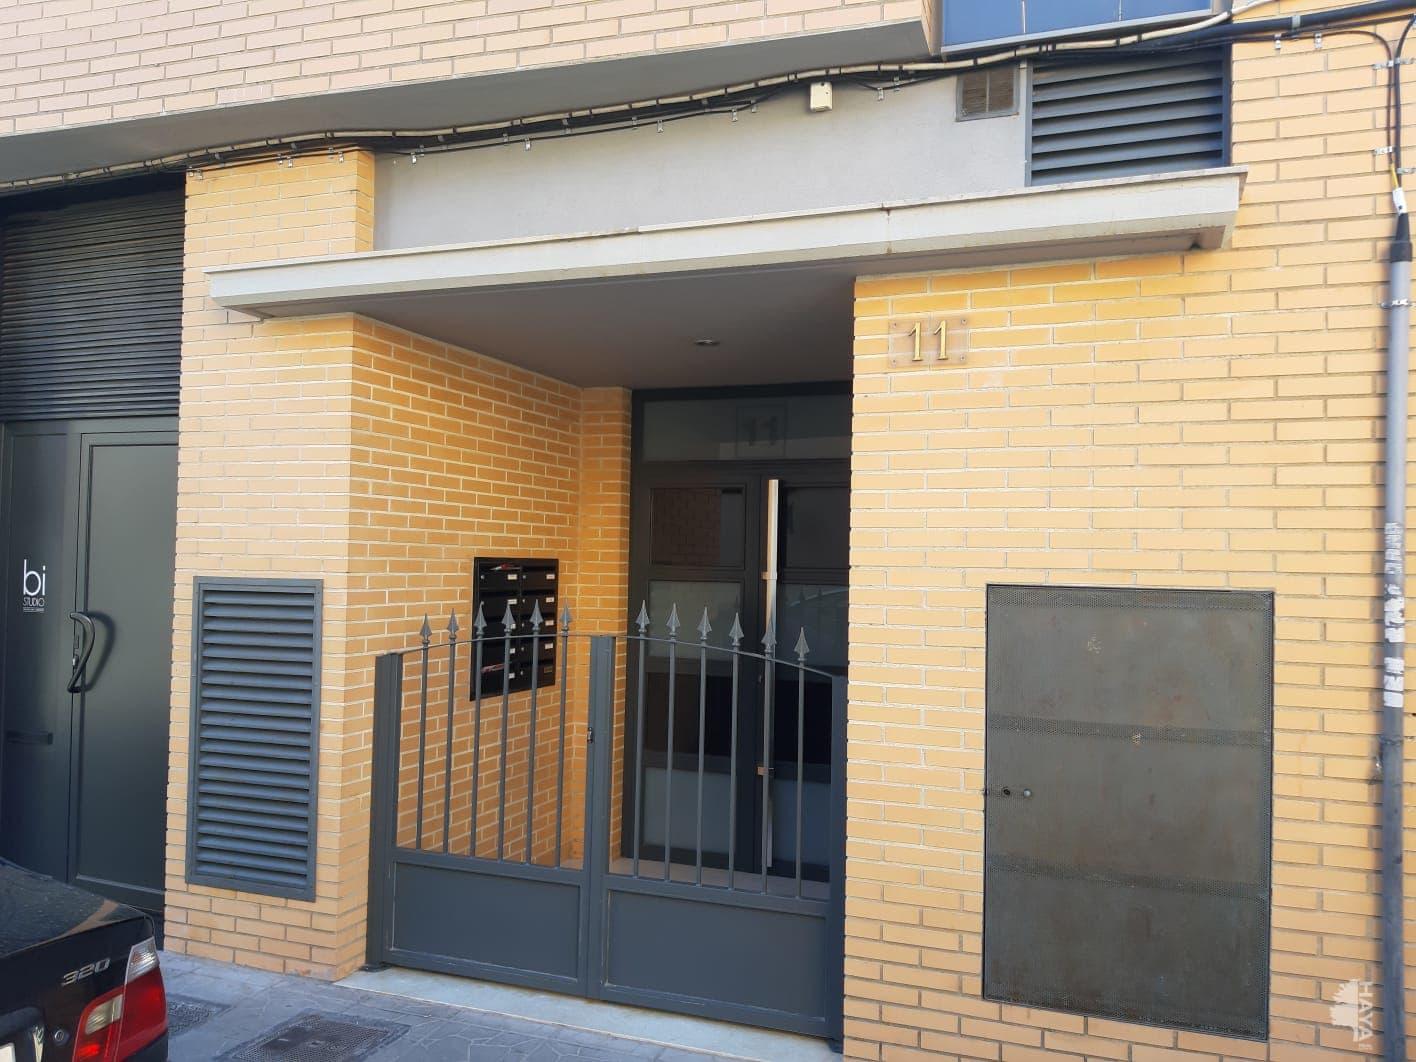 Piso en venta en Carlet, Valencia, Calle Cl, 84.000 €, 3 habitaciones, 1 baño, 129 m2